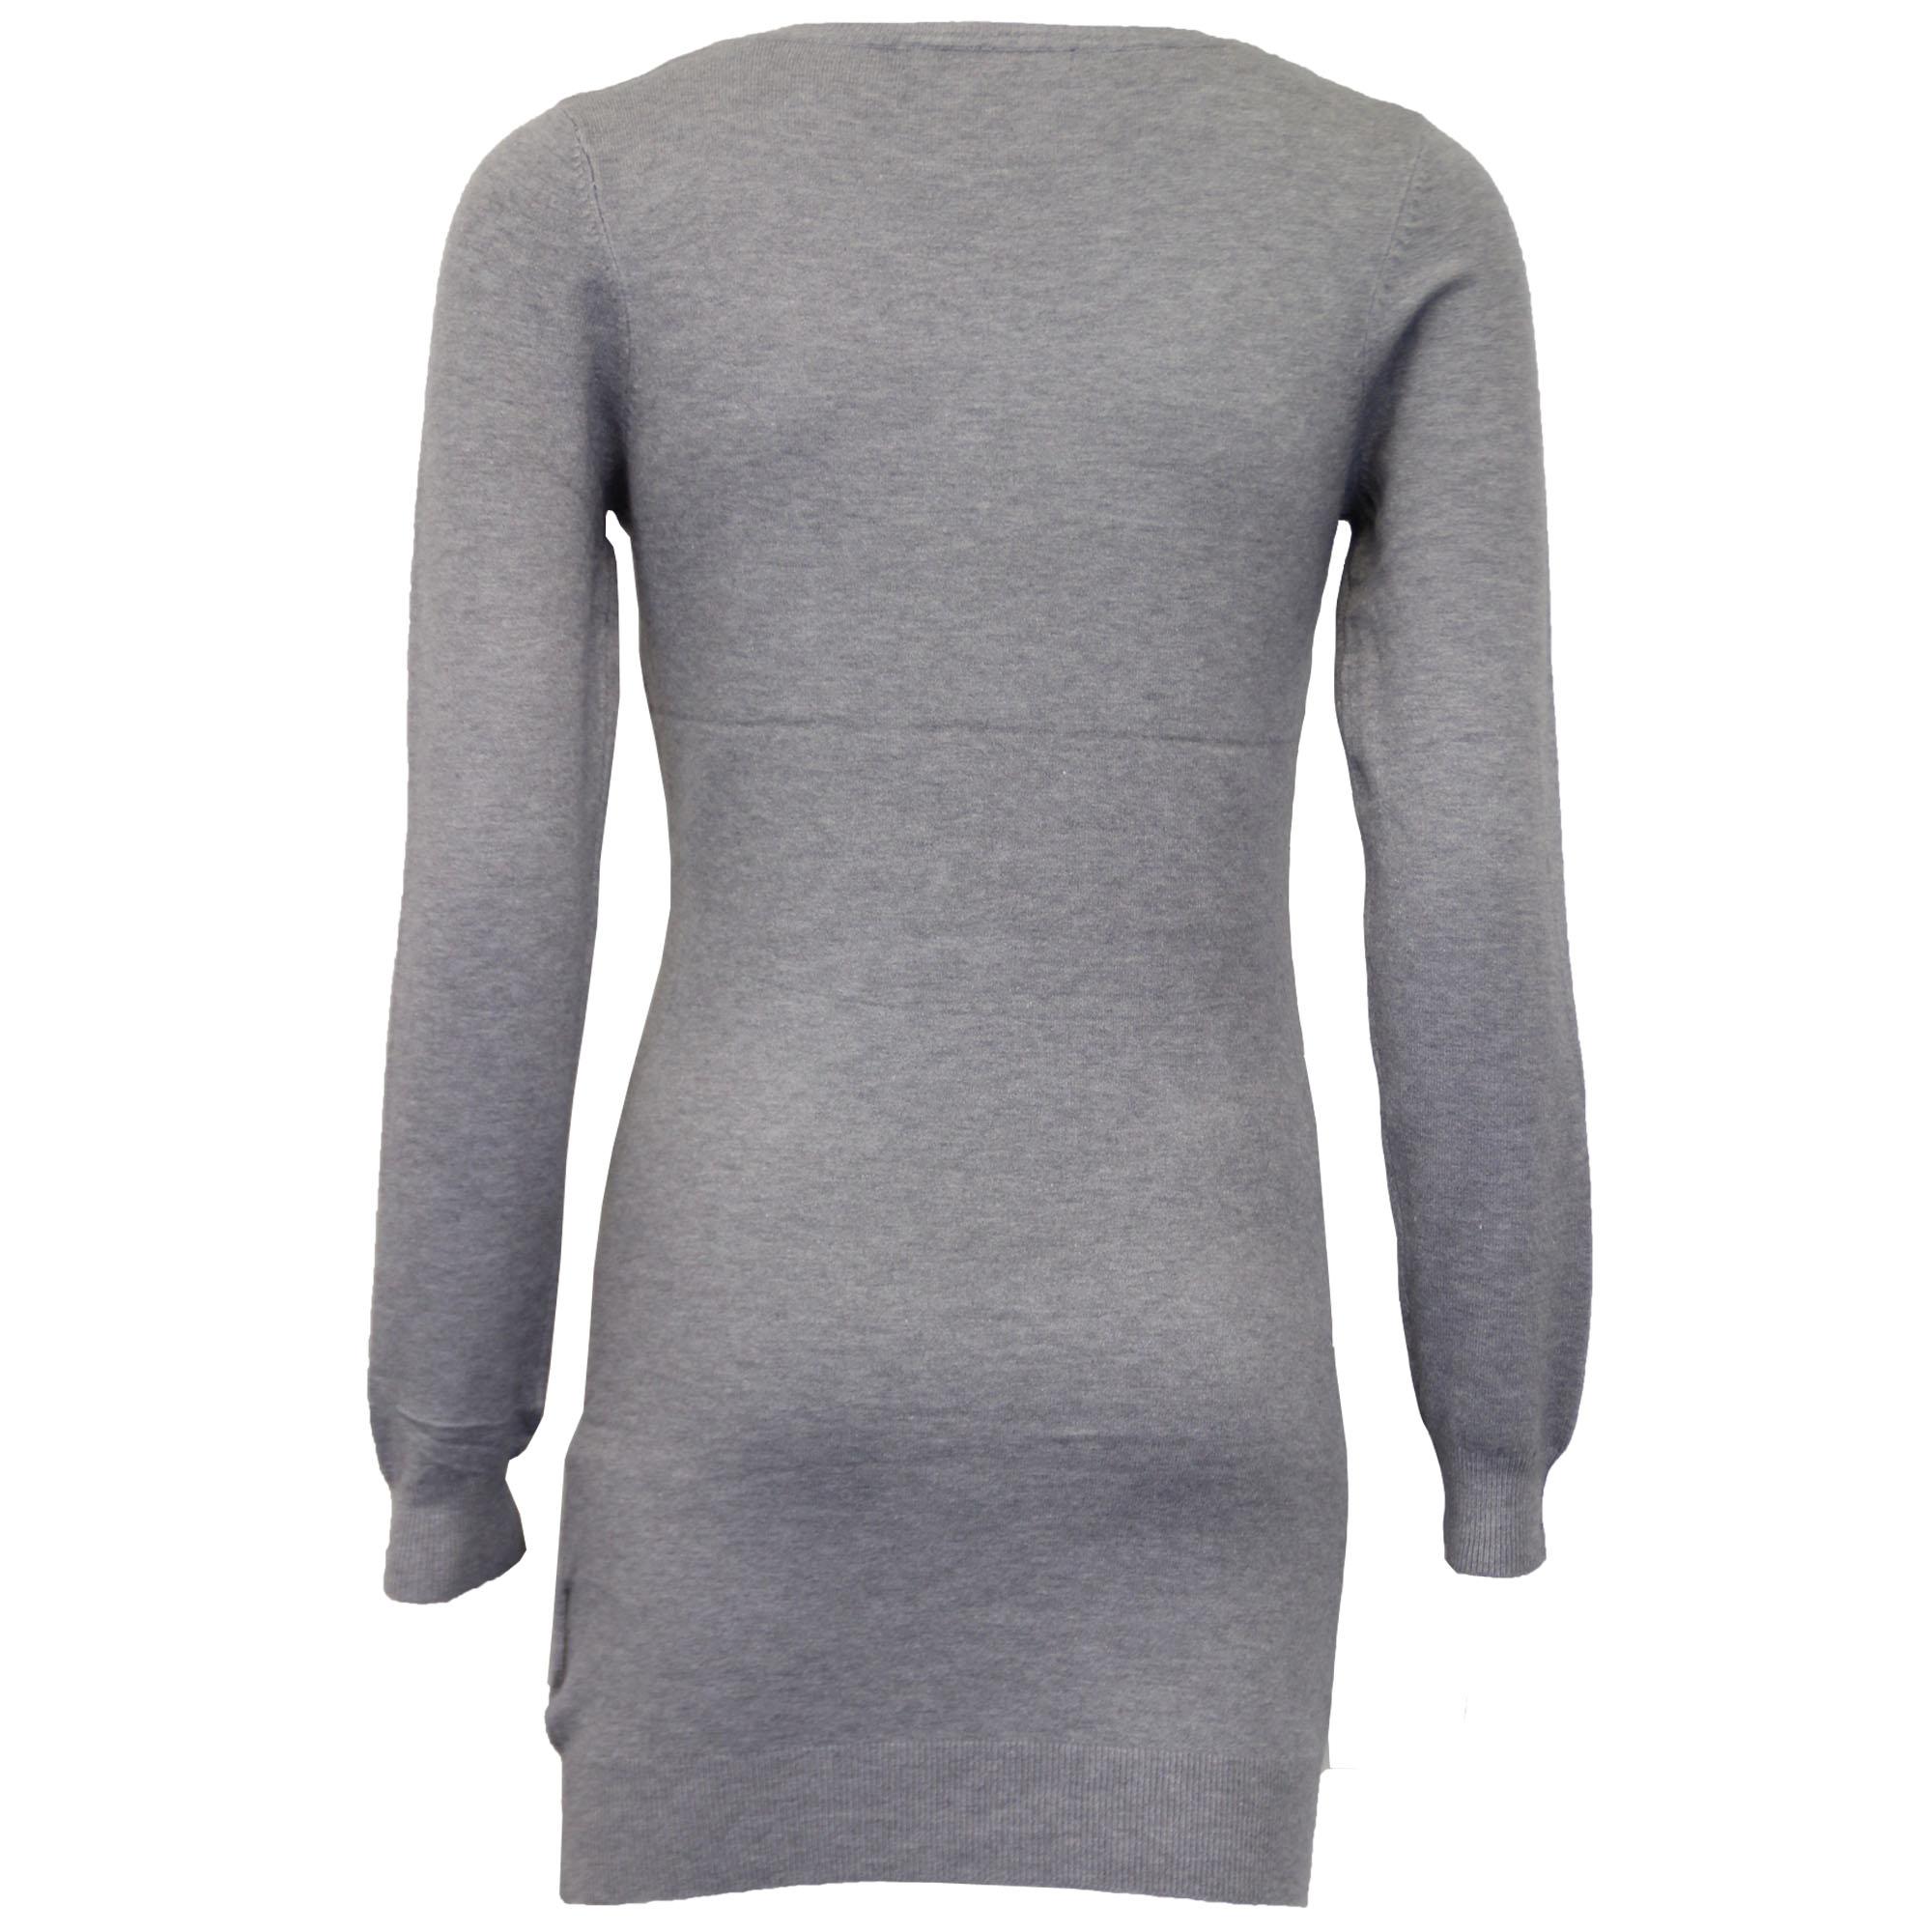 Damen-Xmas-Lang-Pullover-Damen-Kleid-Weihnachten-Glitzernde-Pailletten-Neuheit-Party-NEU Indexbild 8